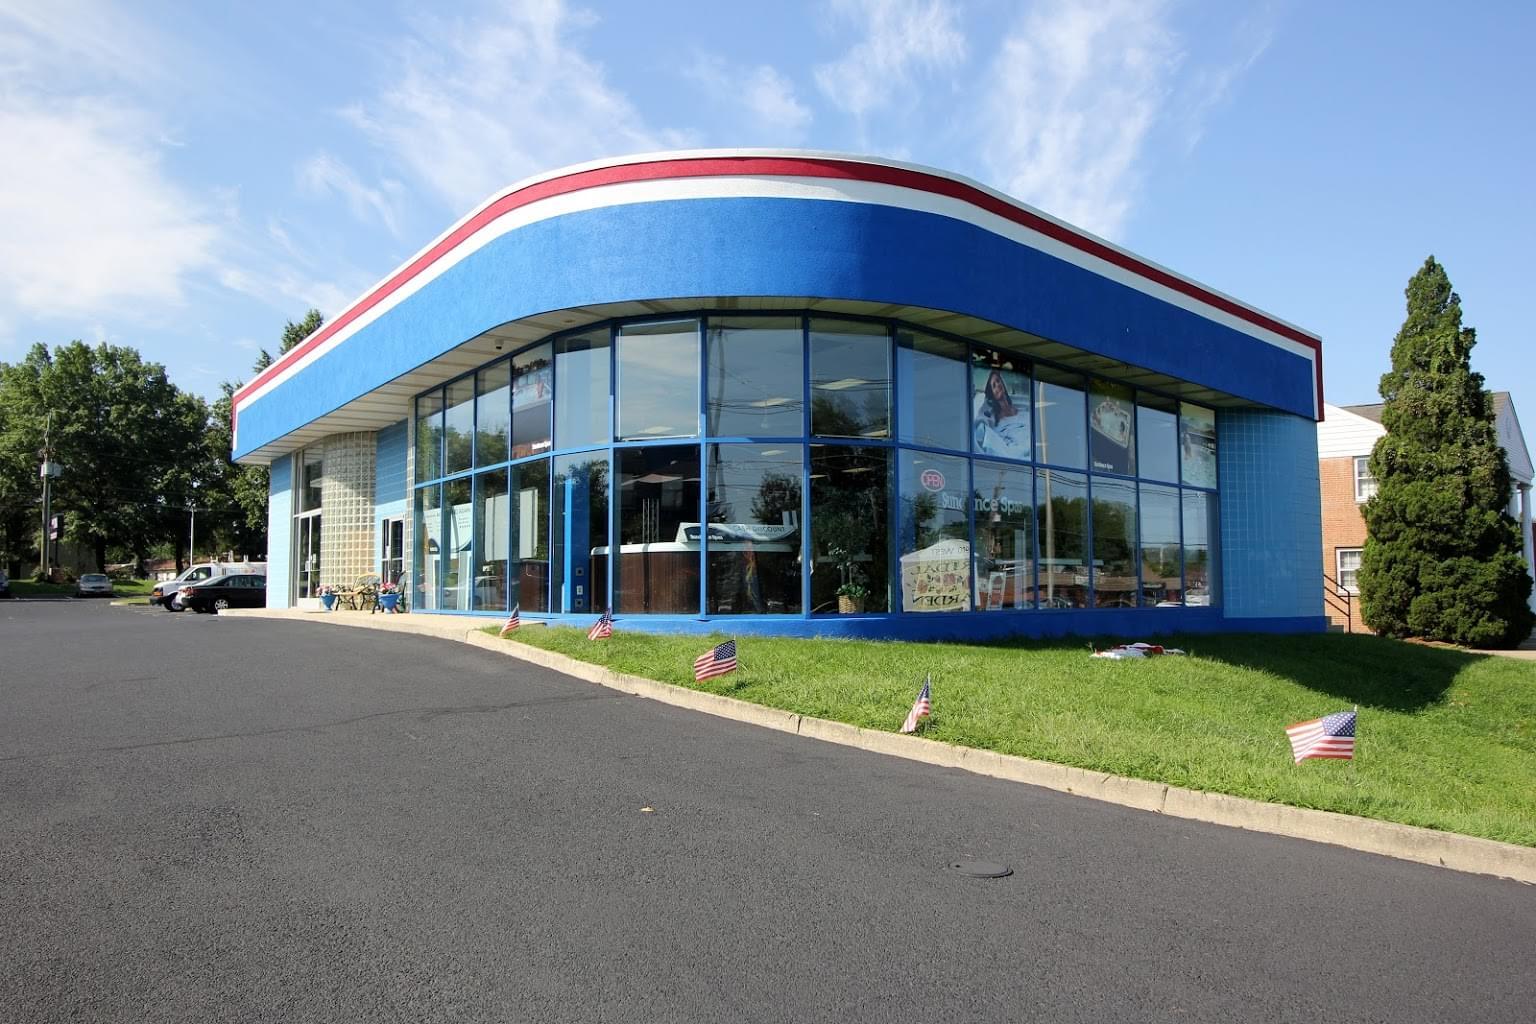 All Seasons Pool & Spa Marlton, NJ Hot Tub Store